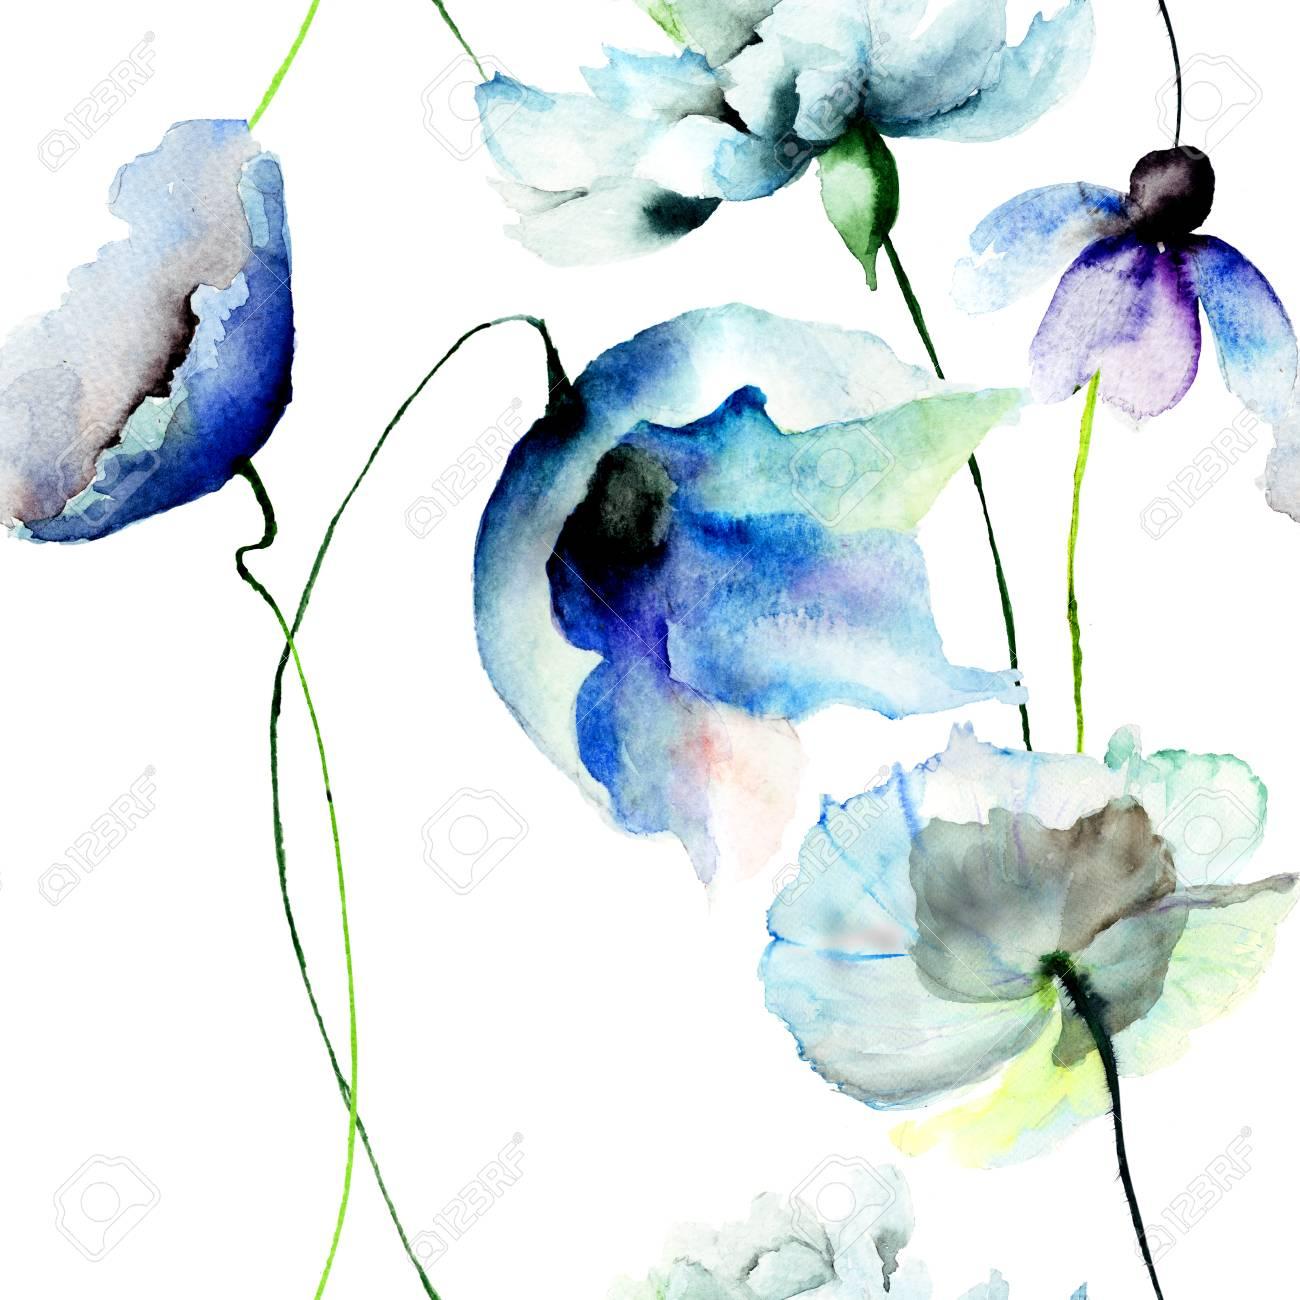 Fondo De Pantalla Transparente Con Flores Azules Ilustracion